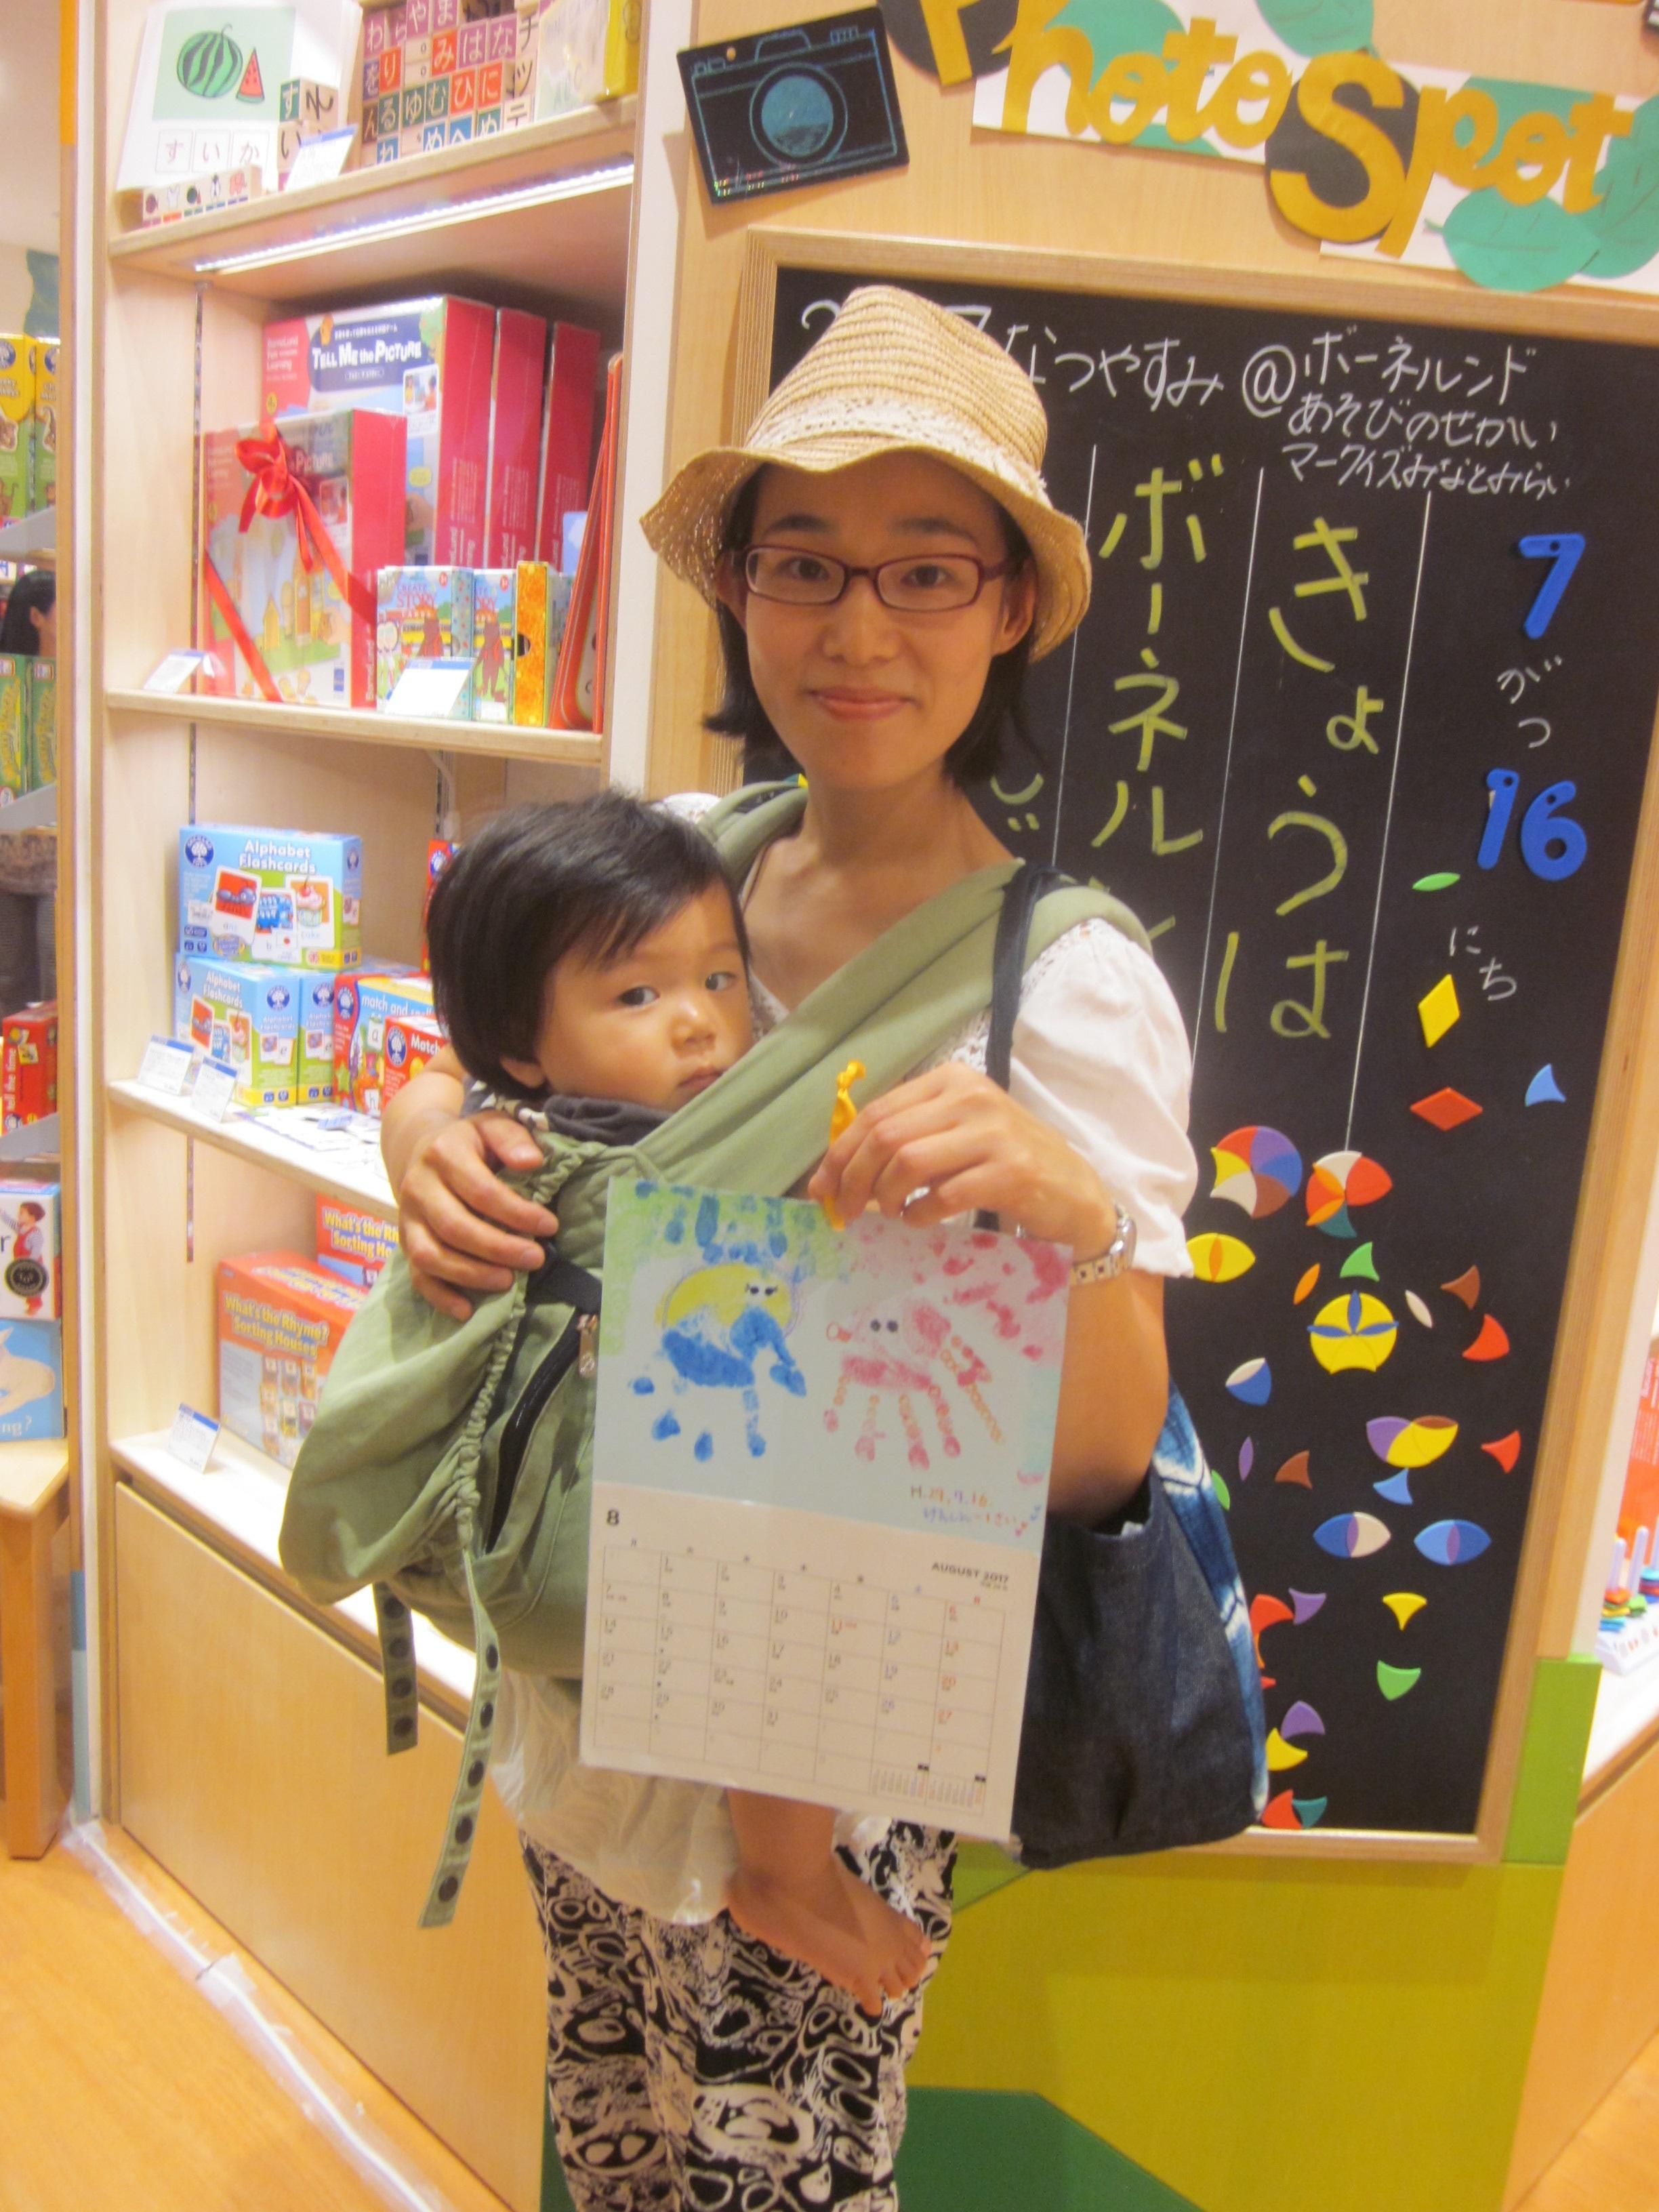 【マークイズみなとみらい店ショップ】8月のカレンダー作りを行いました!